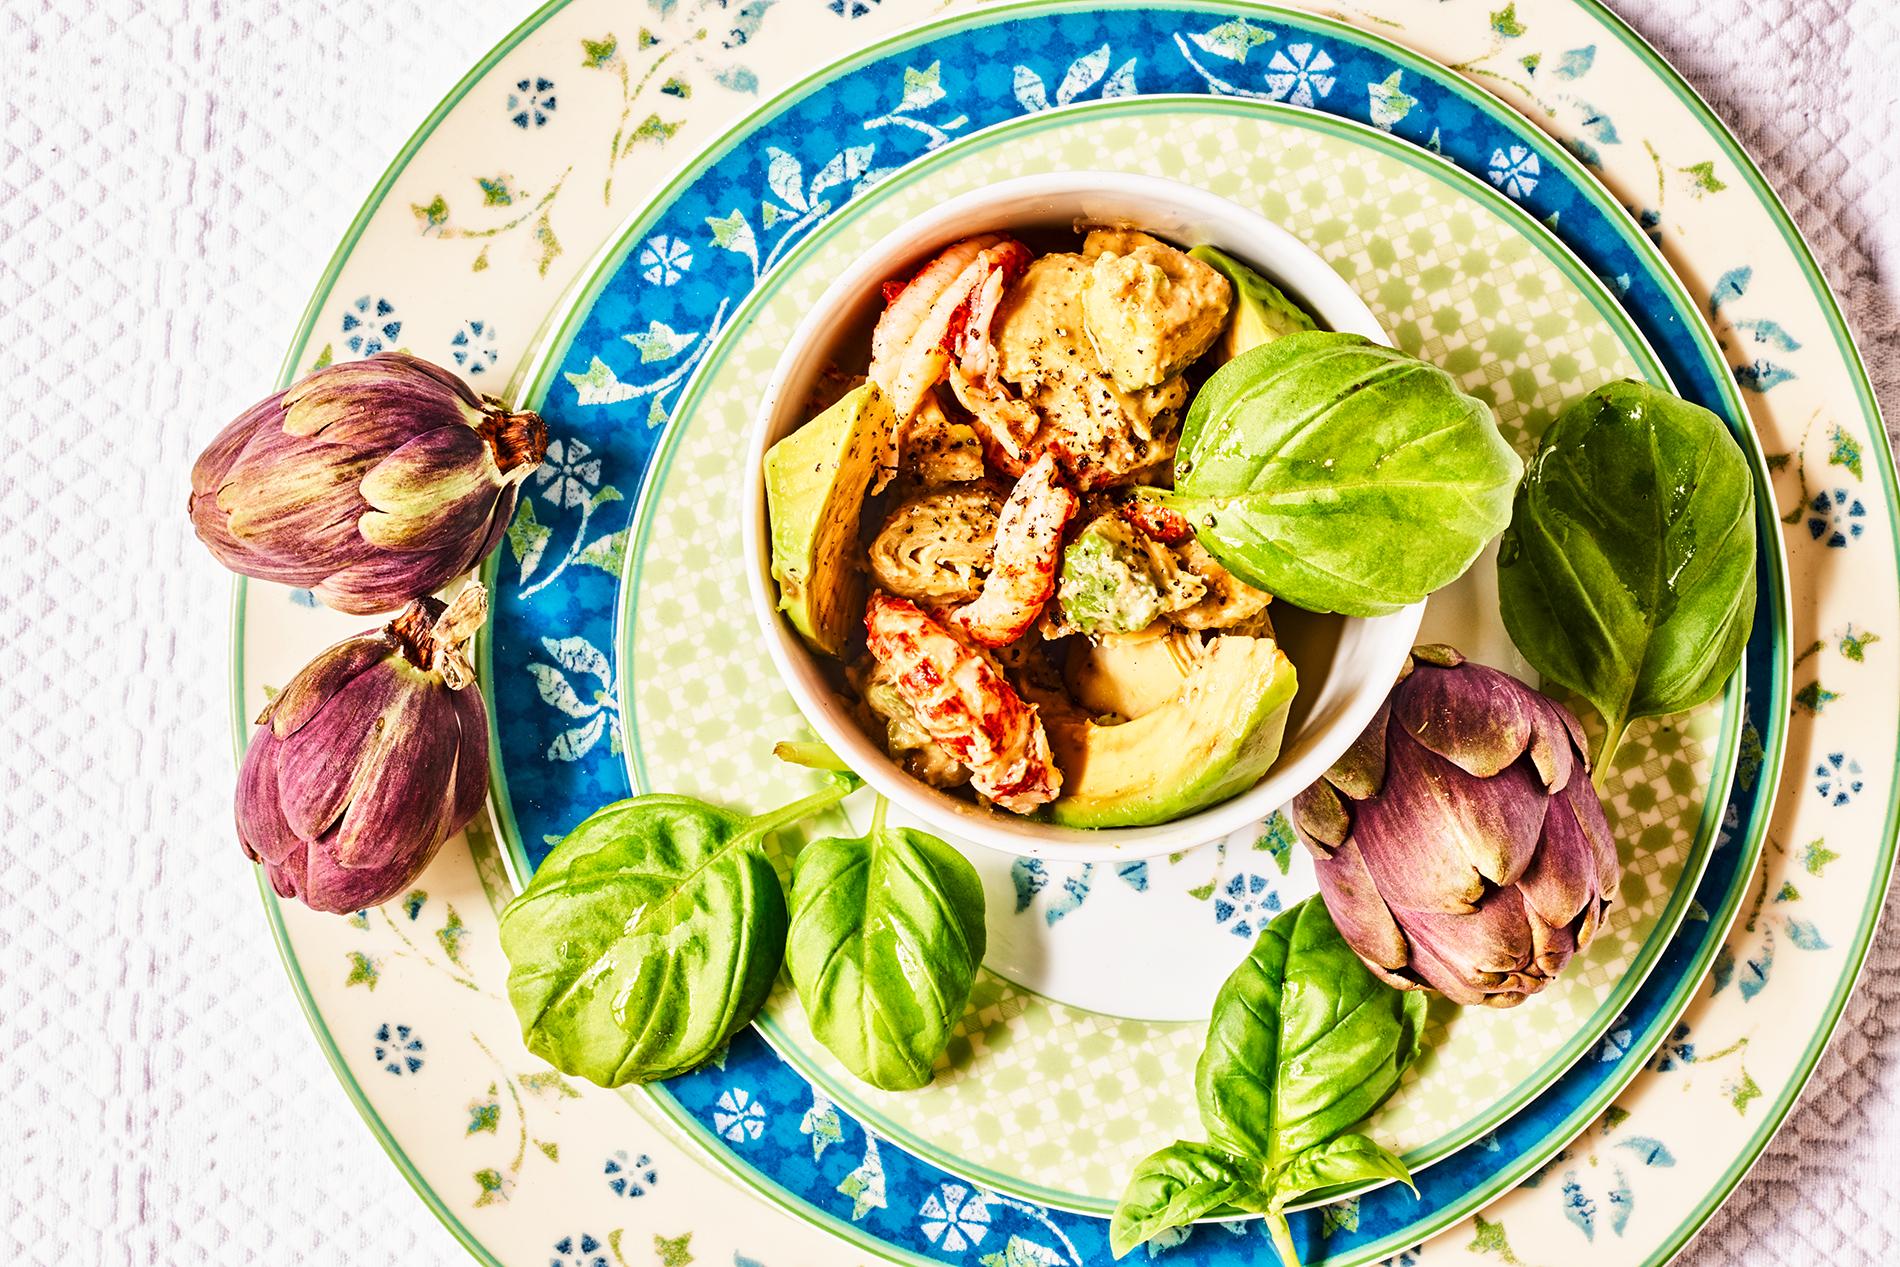 Salat aus Avocado, Artischocken und Flusskrebsen